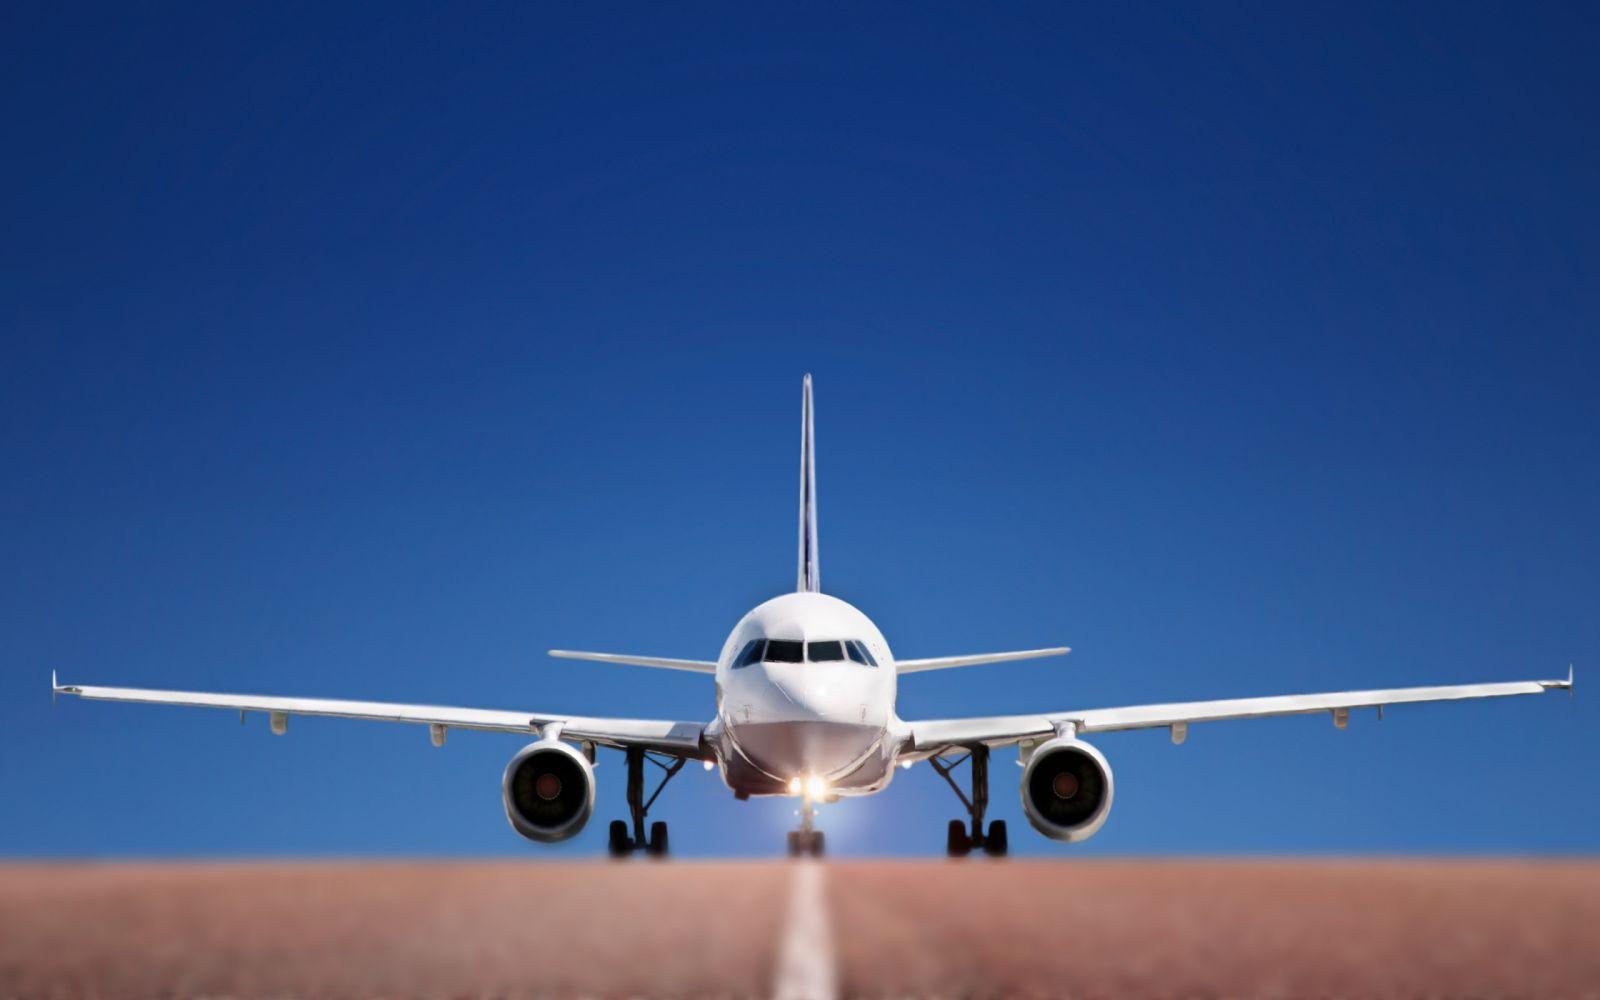 Лоукостер Wizz Air запустит новые рейсы изЛьвова вПольшу иГерманию